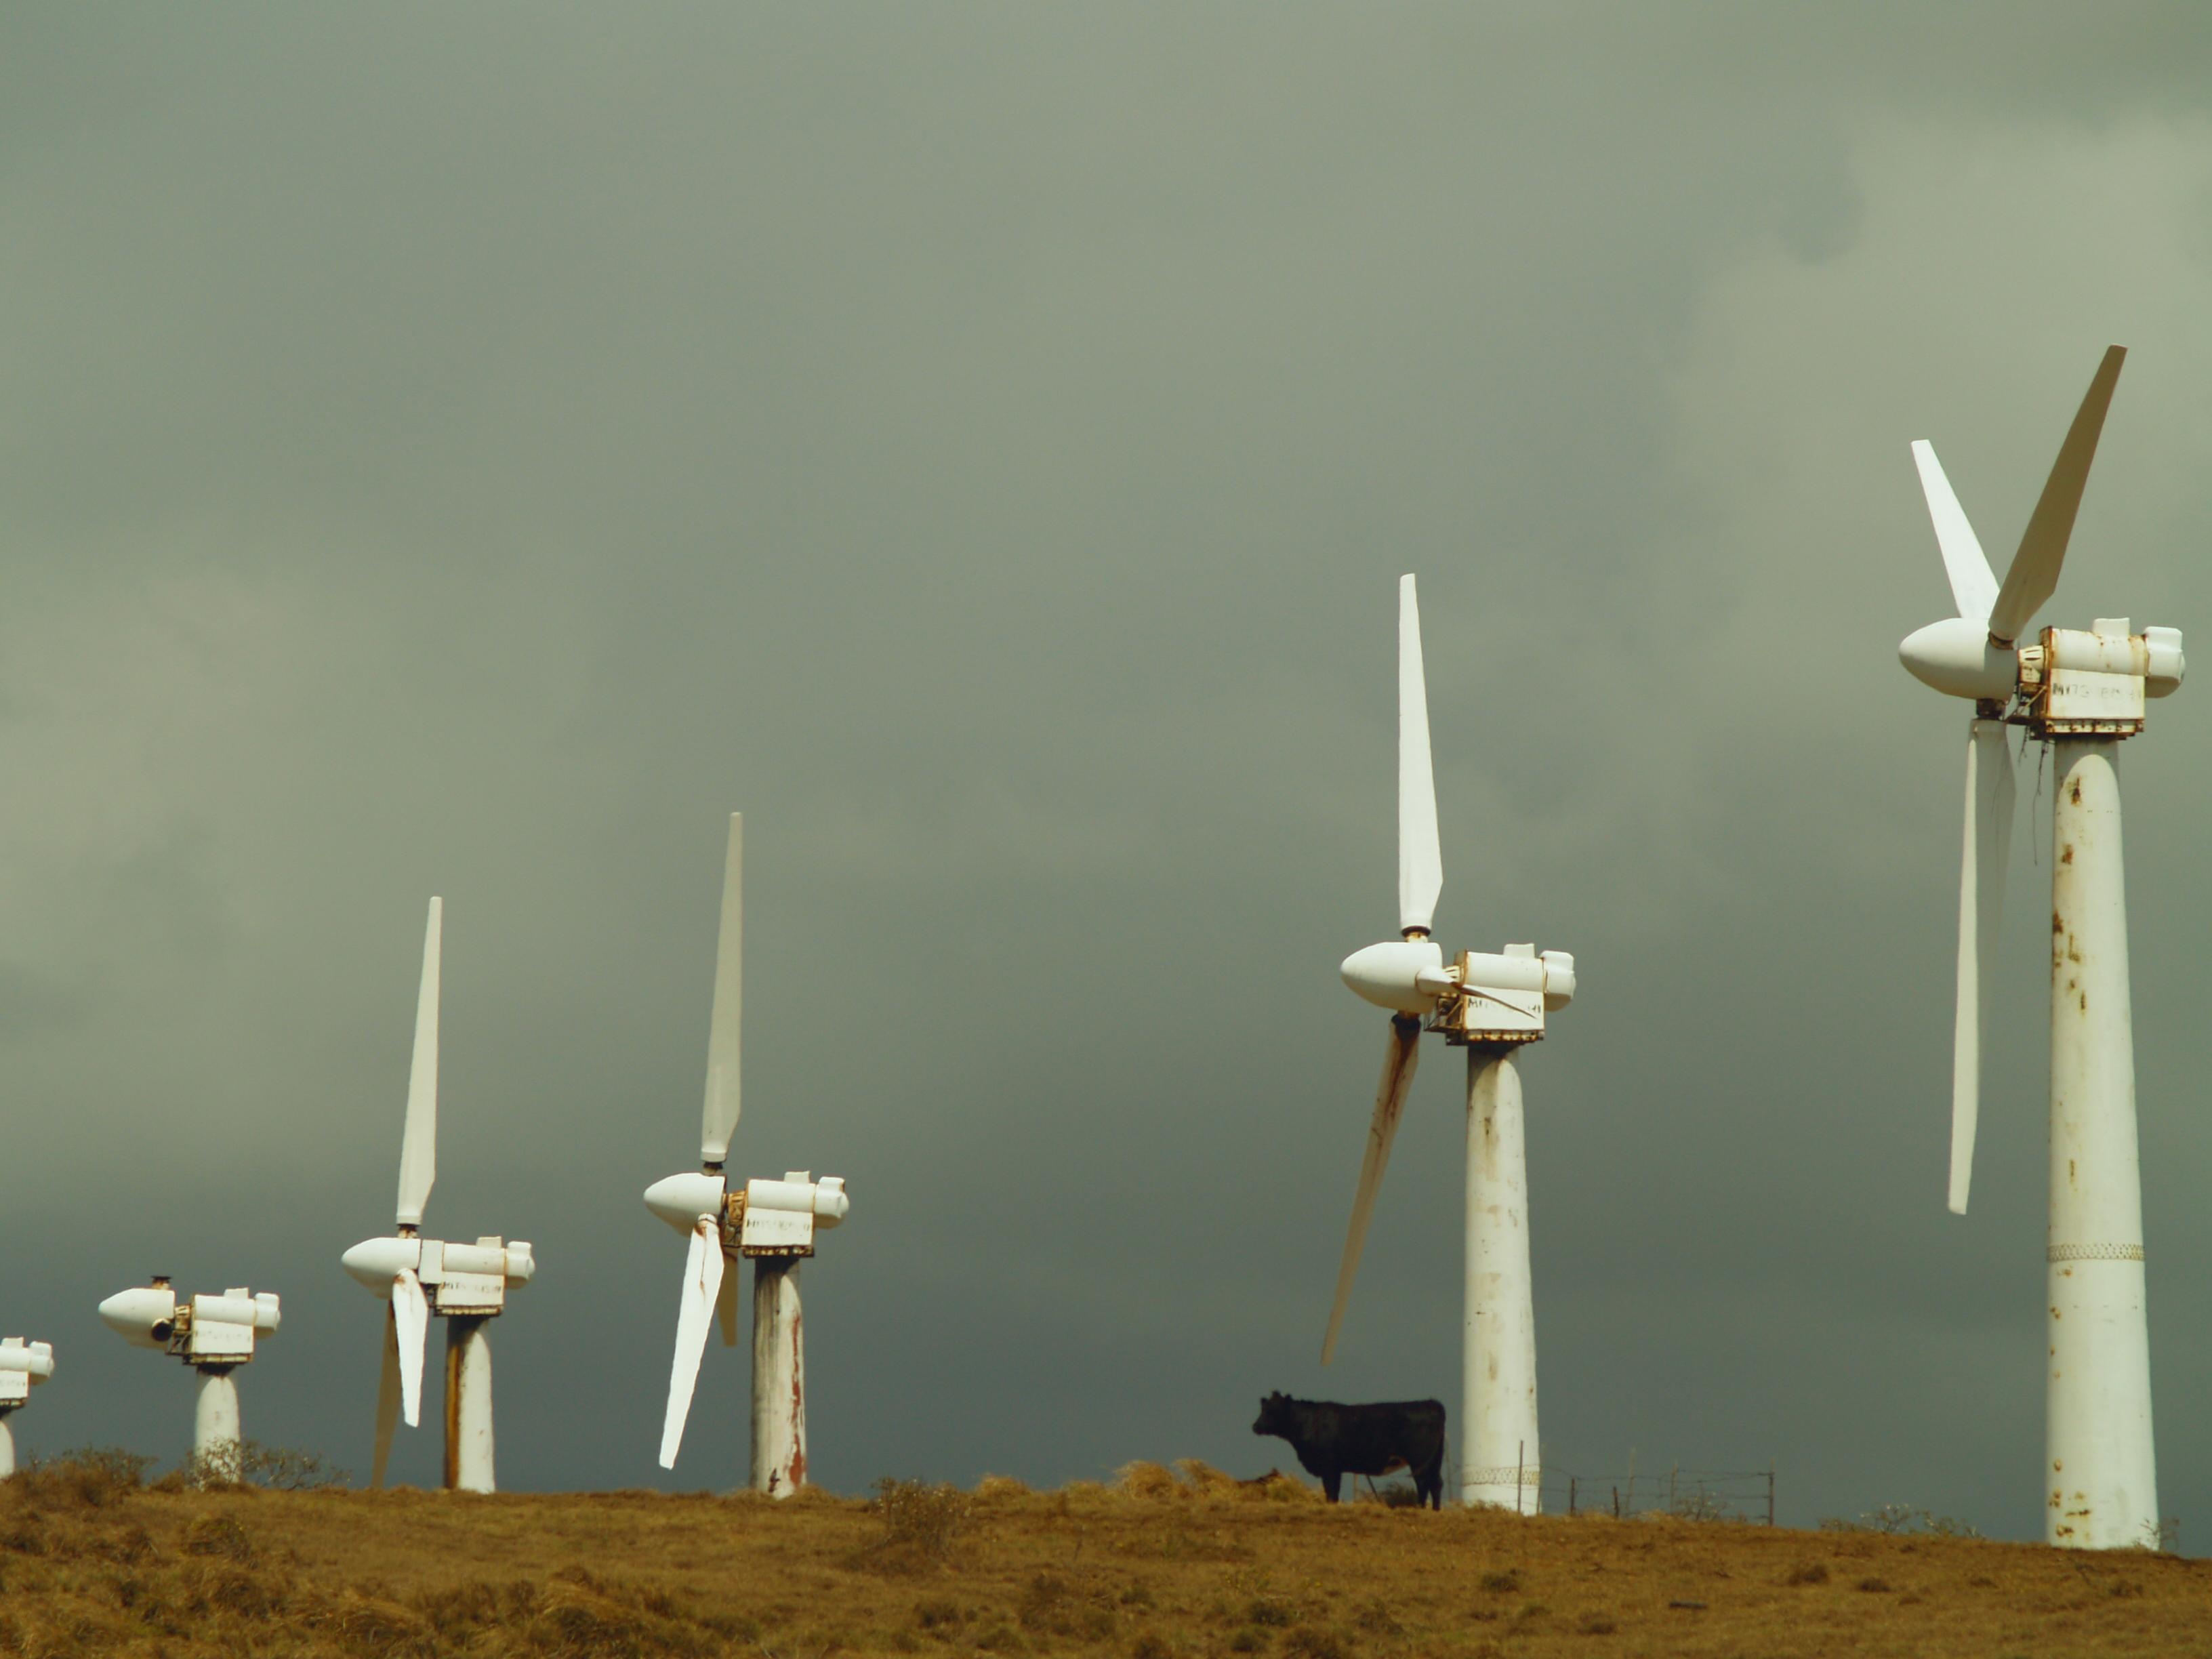 Cow and Windfarm: South Point--Ka Lae--Ka'u Hawaii: Photo by Donnie MacGowan